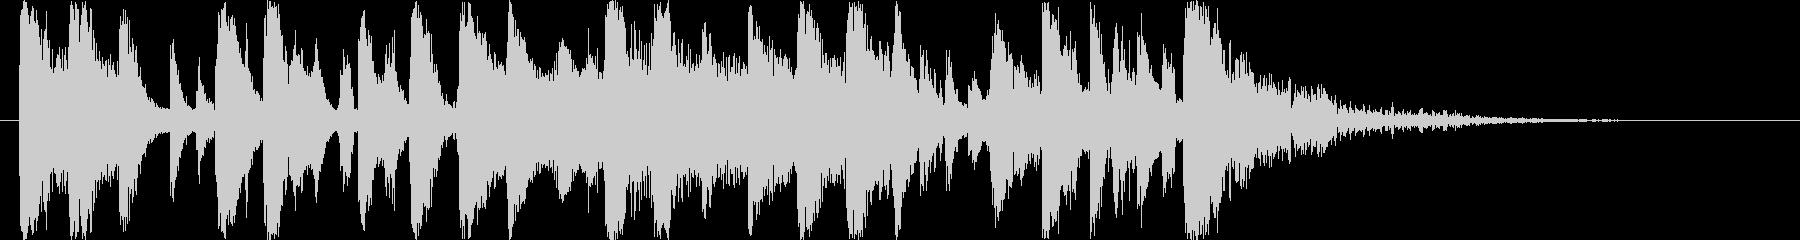 ロック系ヒップホップジングルの未再生の波形